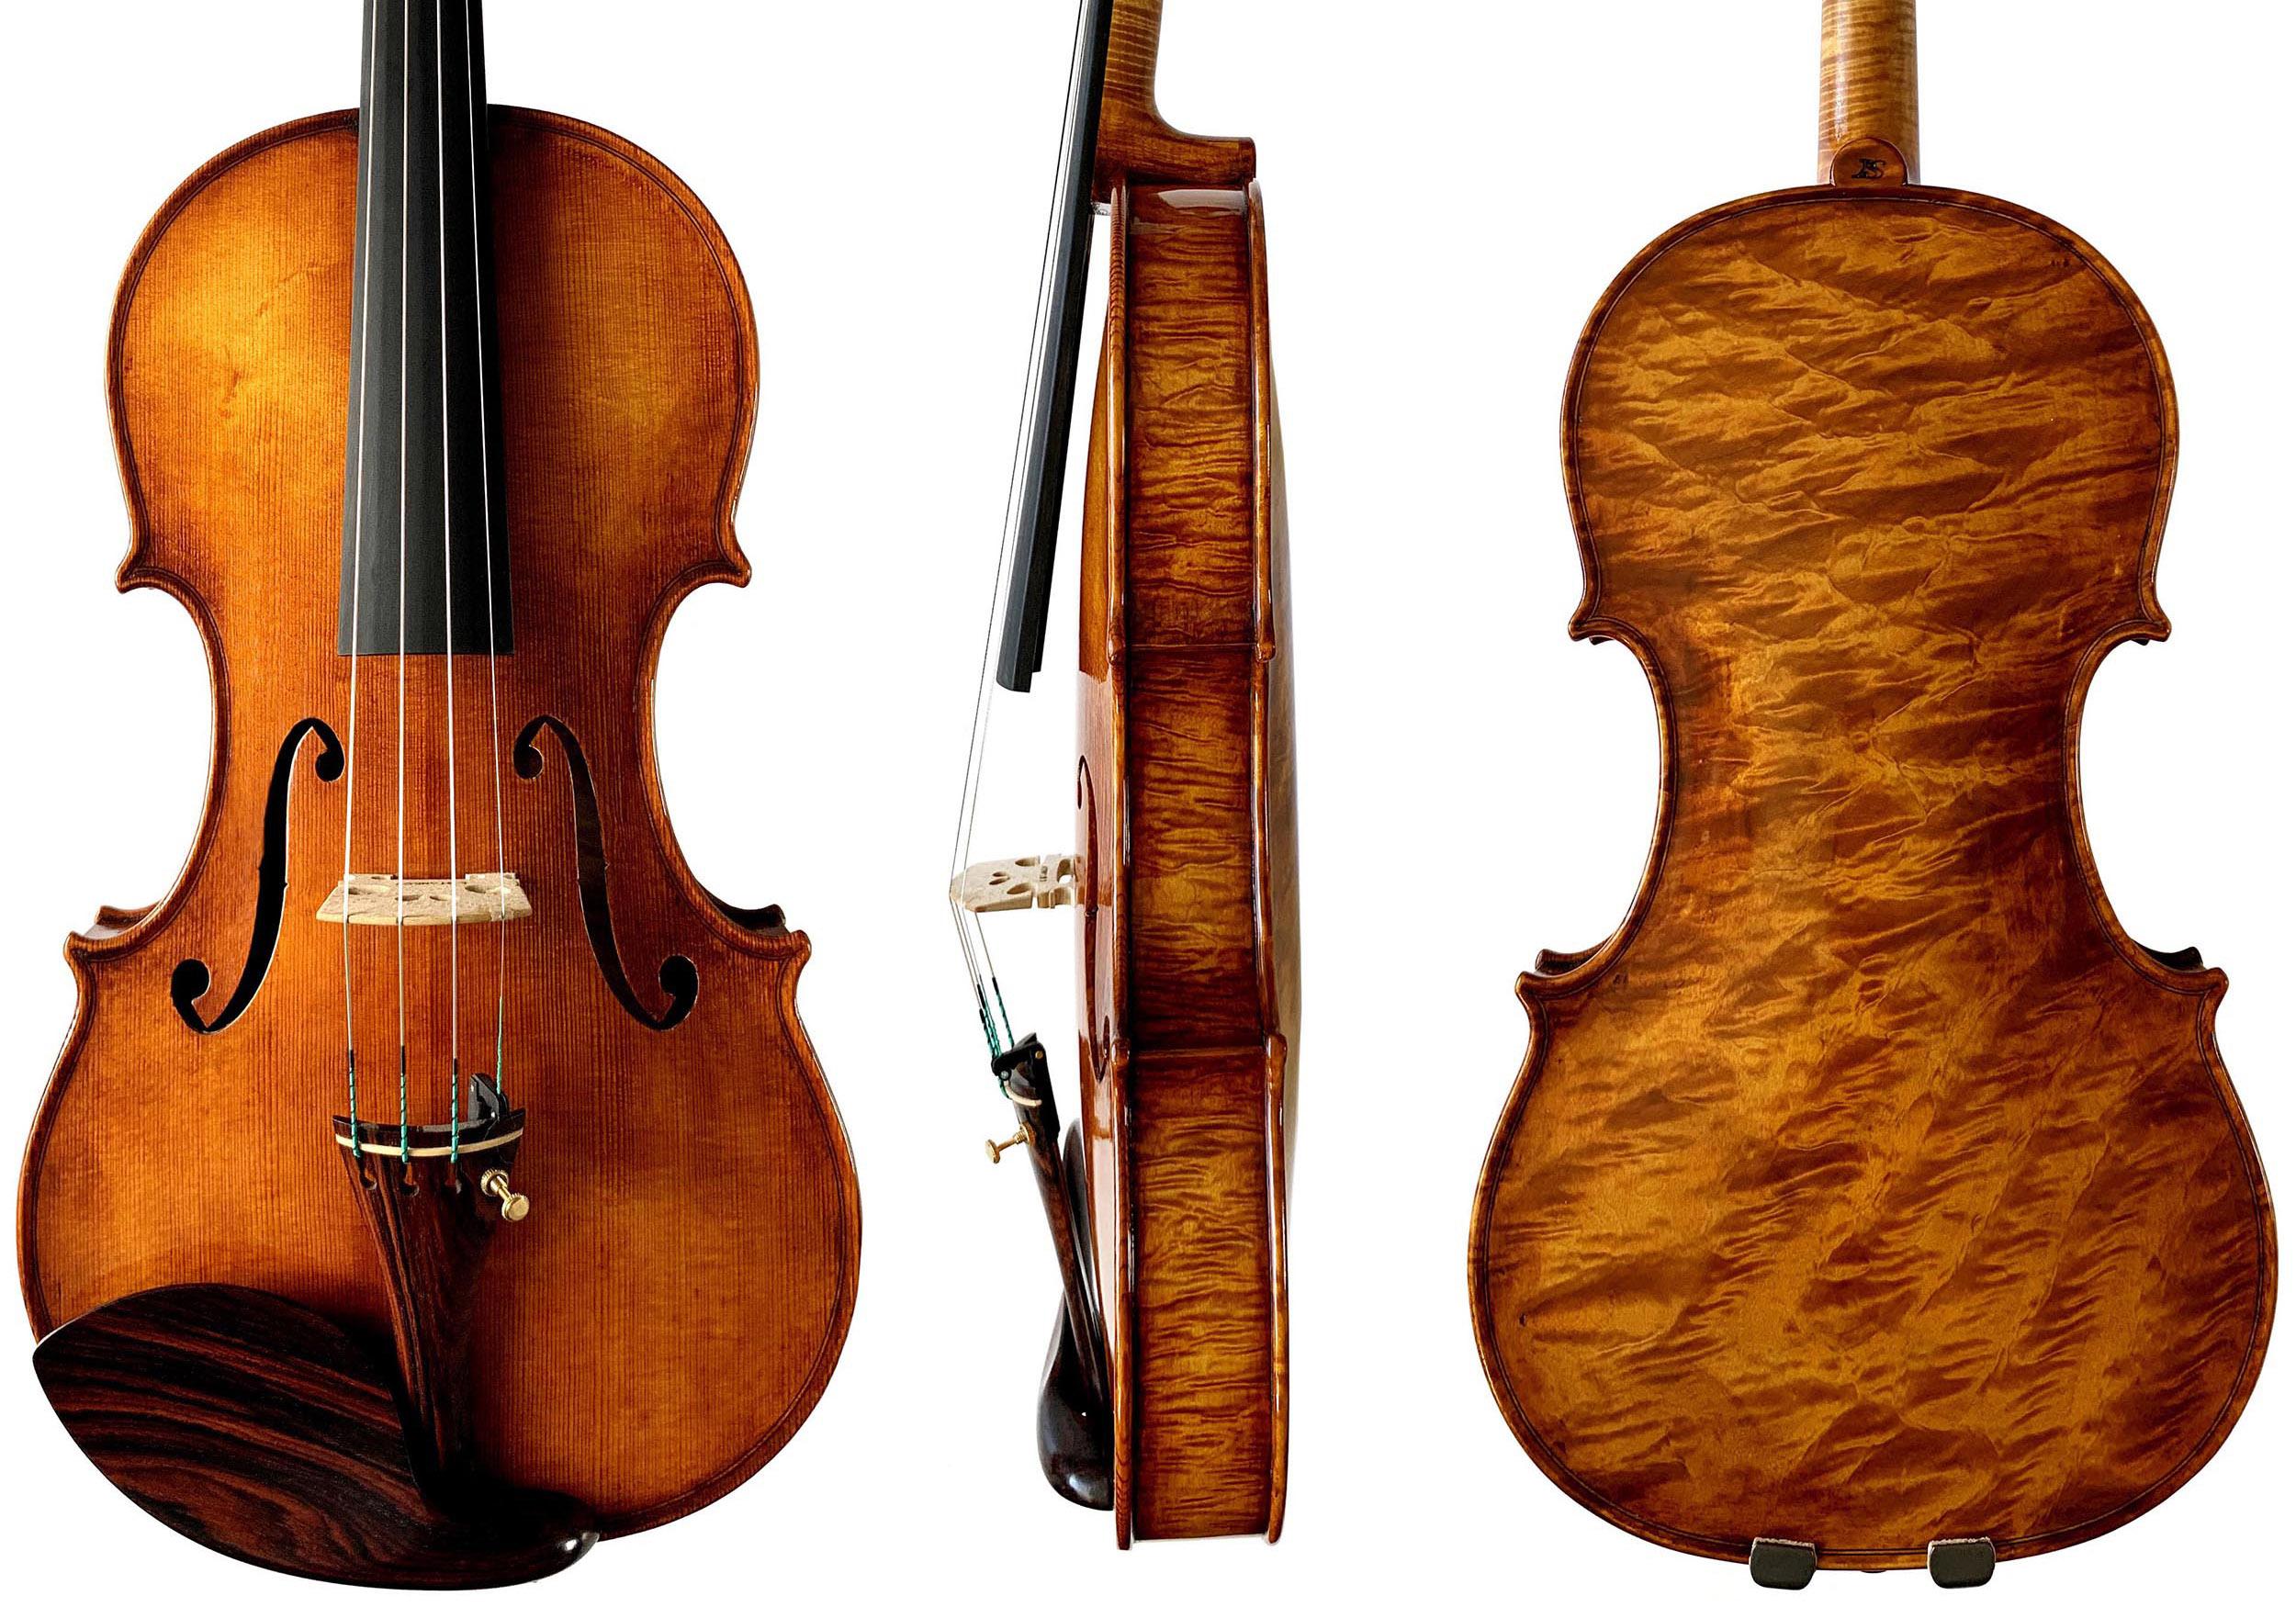 Stankov violin front, side and back